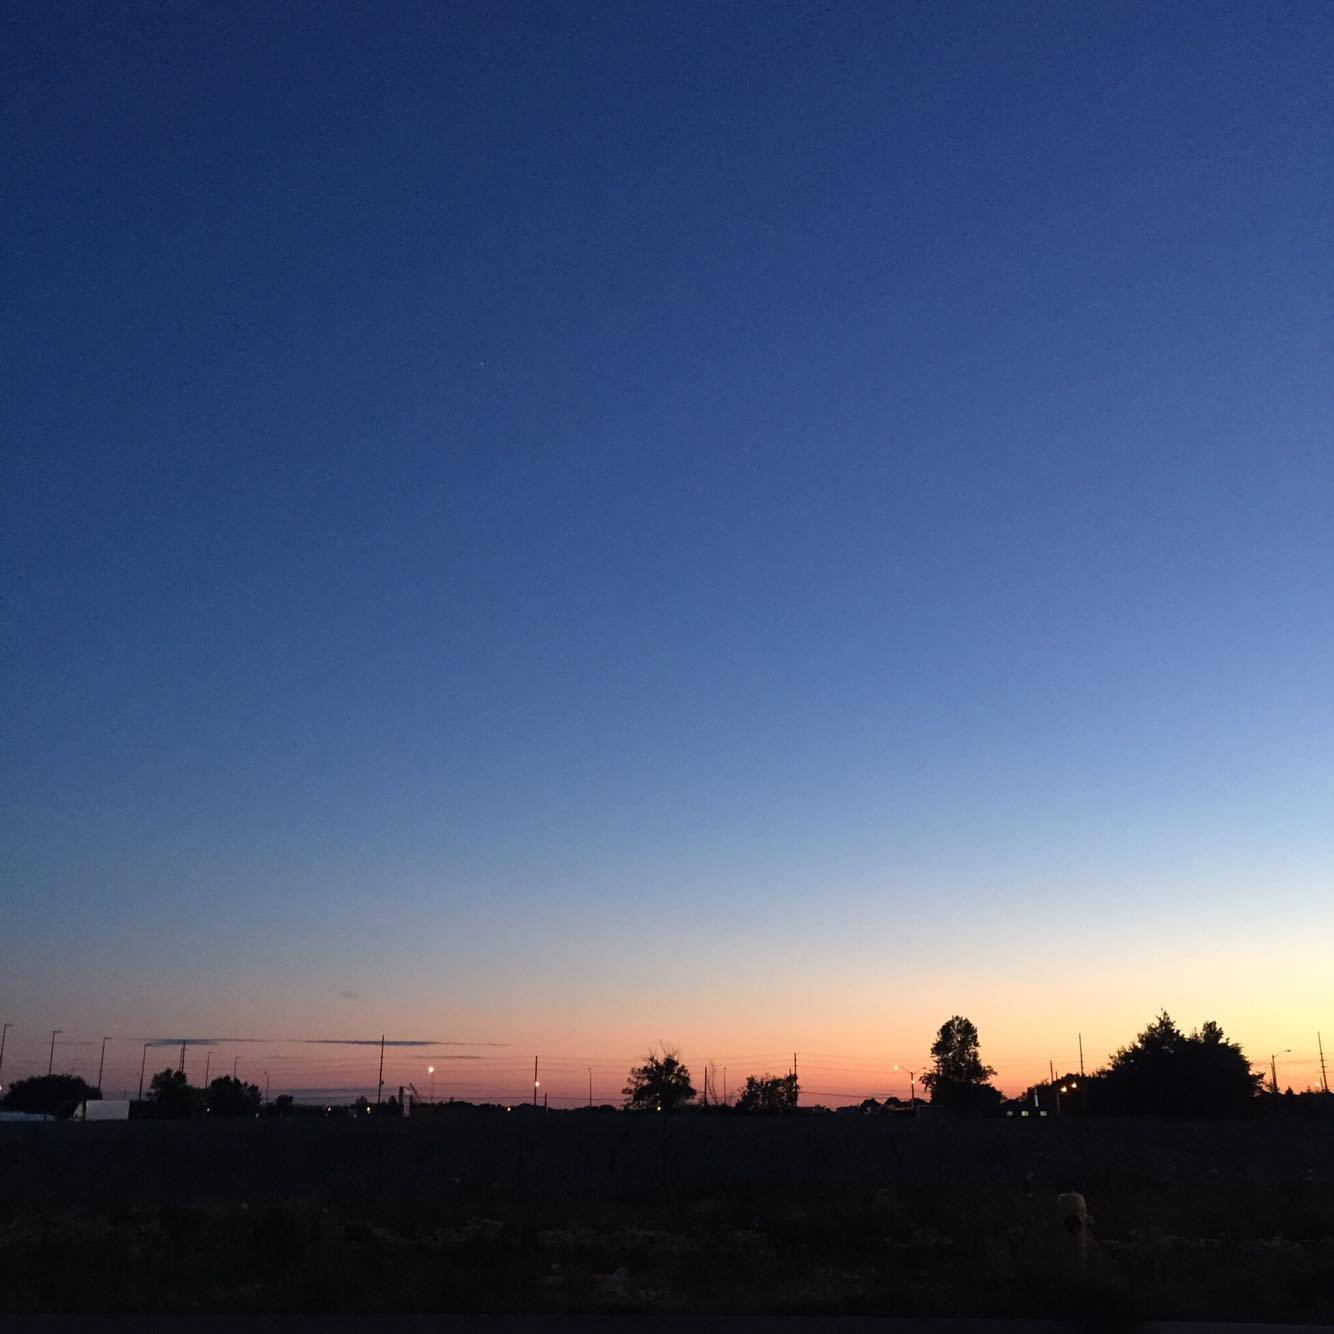 A summer sunset view